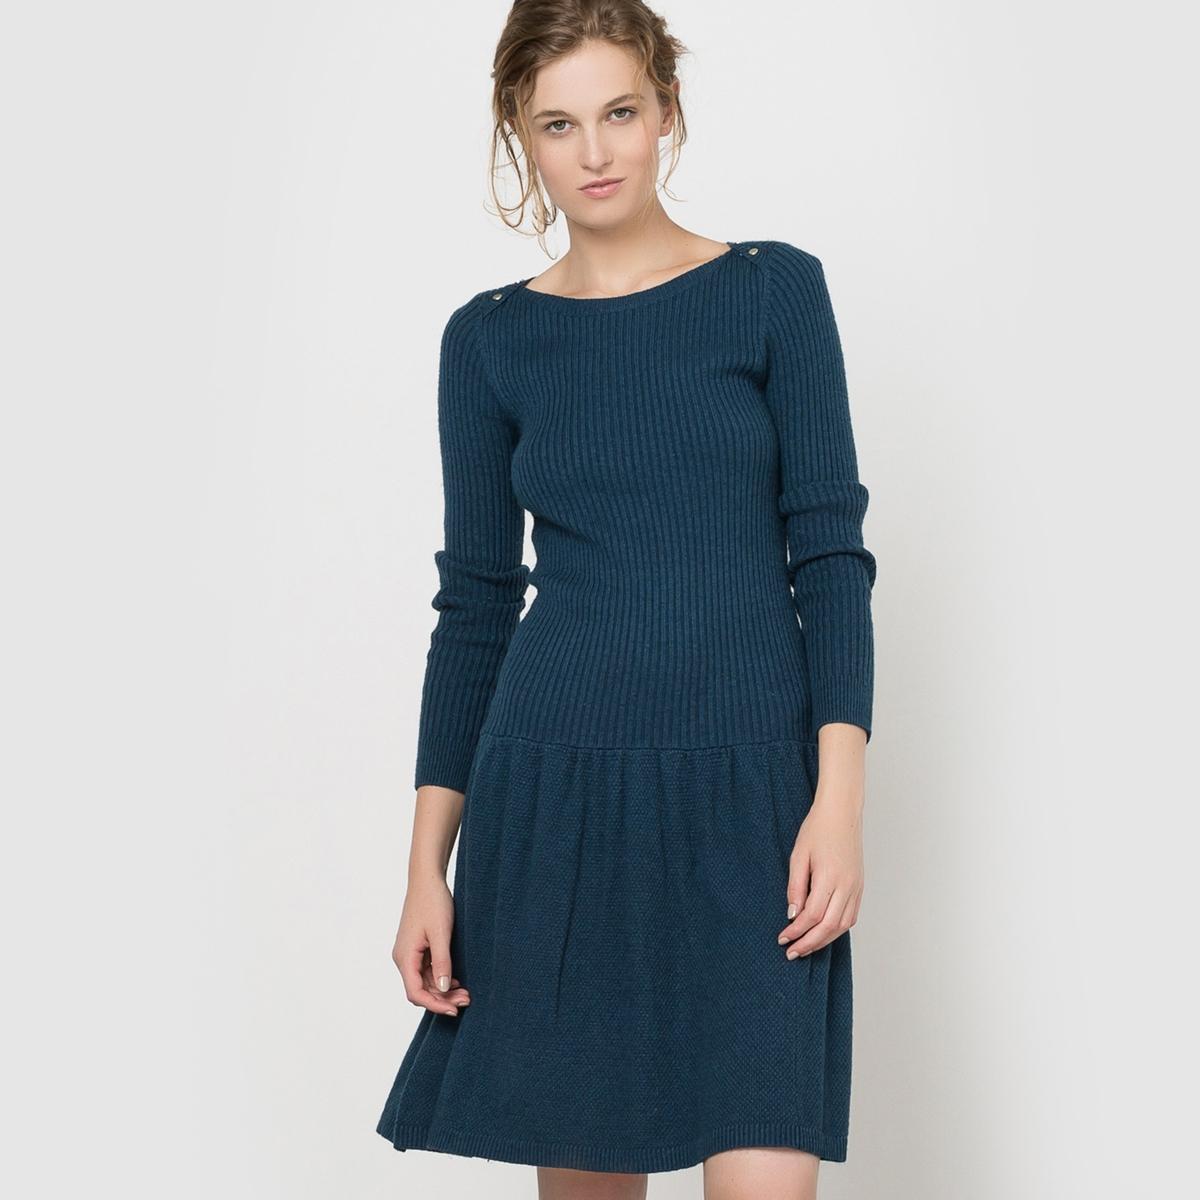 Платье из вязаного трикотажа с юбкой-годеПлатье с длинными рукавами Mademoiselle R. Верх платья из трикотажа в рубчик. Юбка-годе в форме зонта, облегающий пояс, расширяющий к низу покрой. Круглый вырез с пуговицами на плечах. Края связаны в рубчик. Состав и описаниеМарка : Mademoiselle RМатериал : 50% полиамида, 45% вискозы, 5% альпакиДлина : 92 смУходМашинная стирка при 30 °C   Стирать с вещами схожих цветовСтирать и гладить при очень низкой температуре с изнаночной стороны<br><br>Цвет: серый меланж,сине-зеленый<br>Размер: 34/36 (FR) - 40/42 (RUS).42/44 (FR) - 48/50 (RUS)